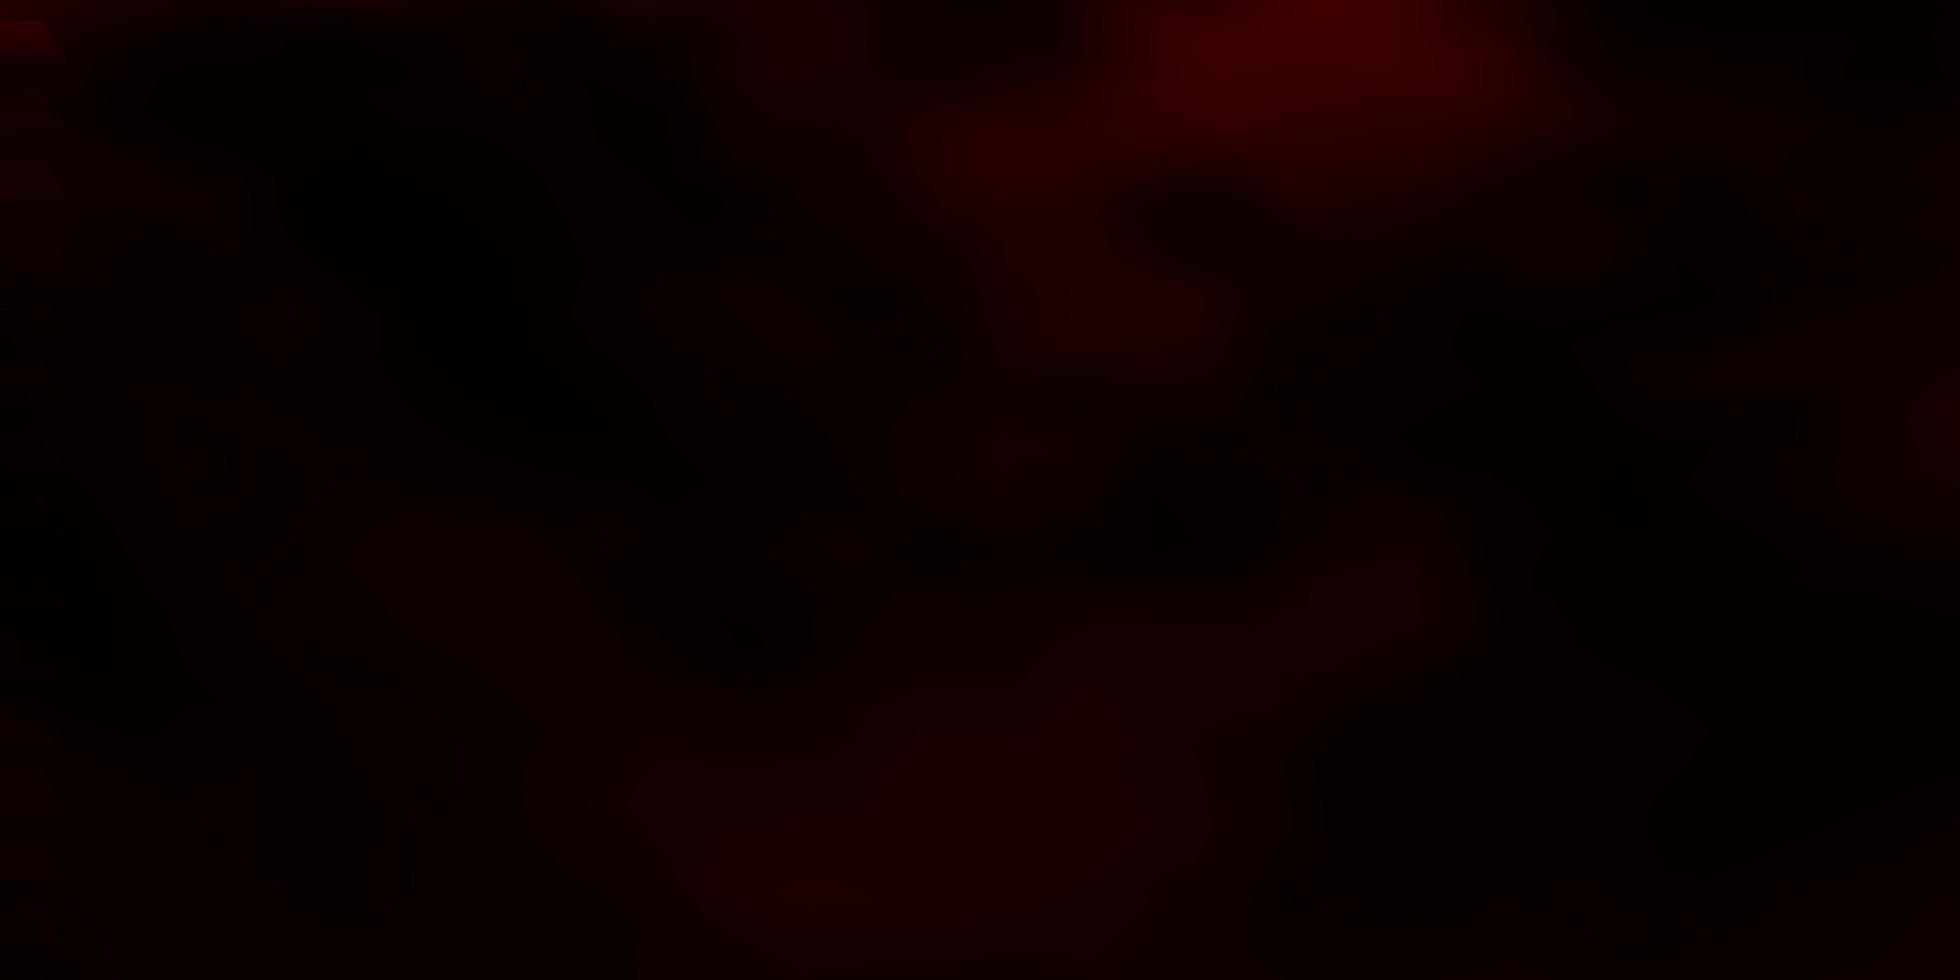 trama vettoriale rosso scuro in stile rettangolare.